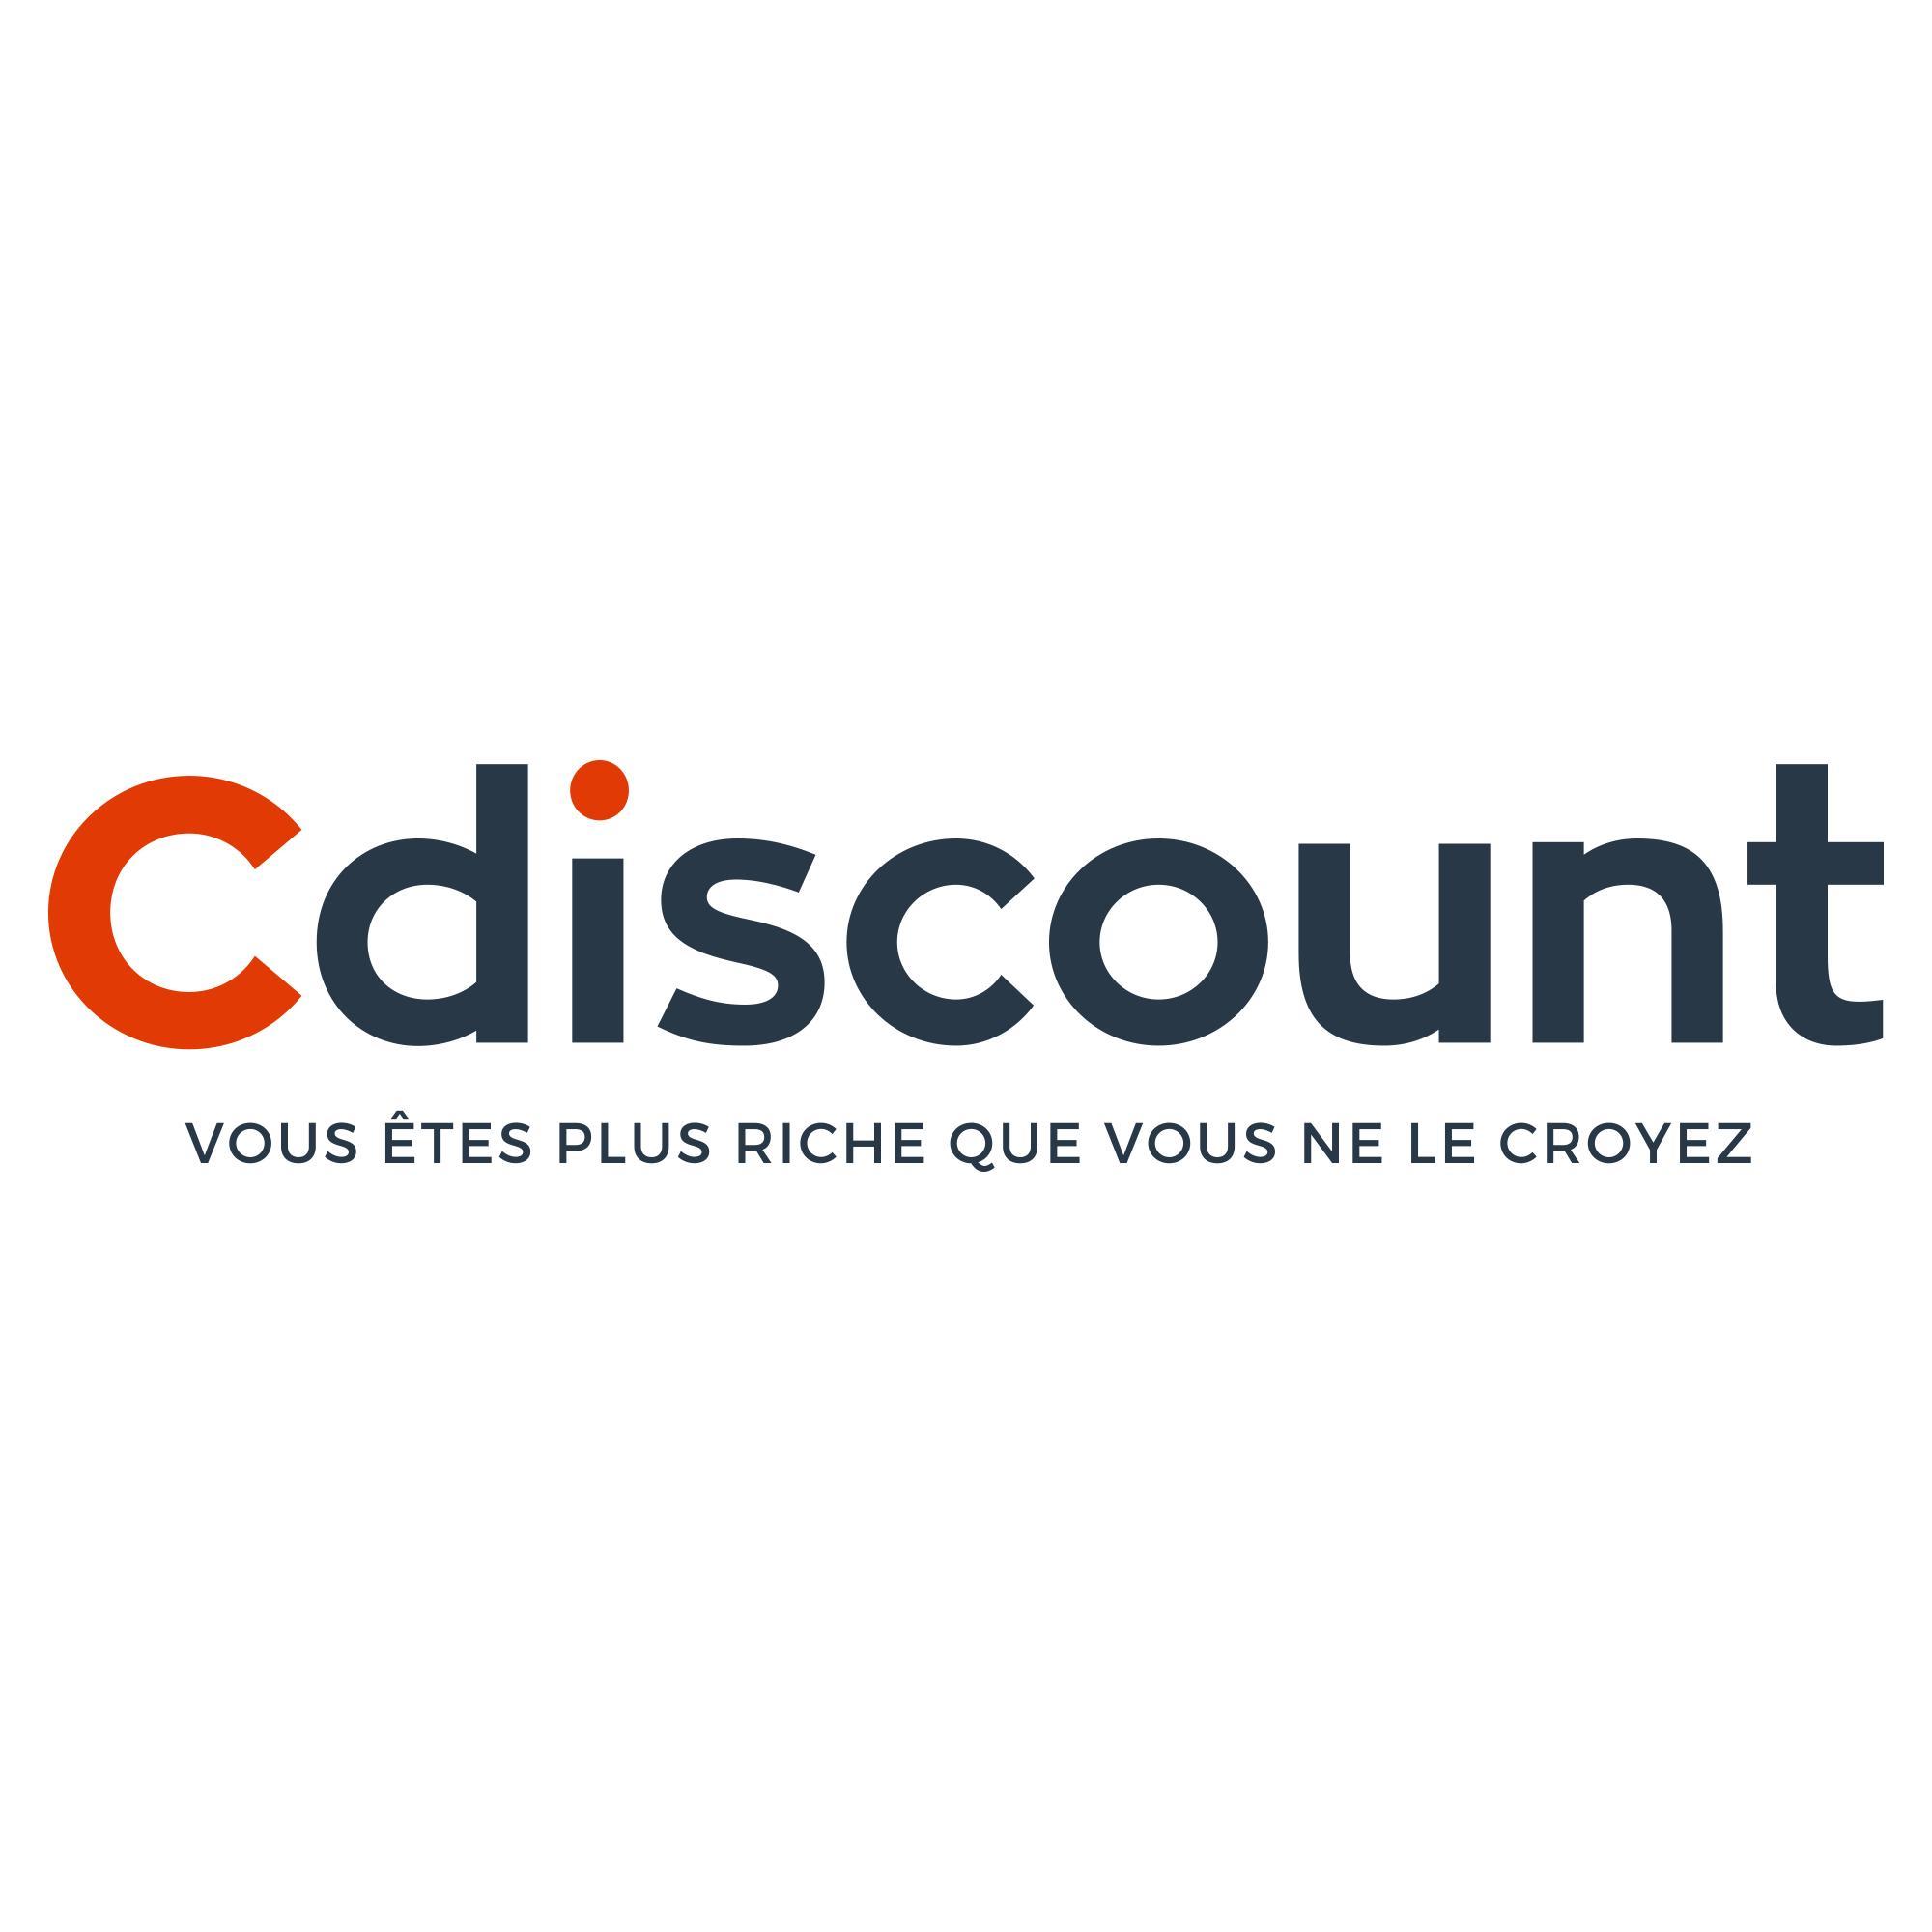 10€ de réduction dès 50€ d'achat en magasin Casino / Géant Casino / Leader Price